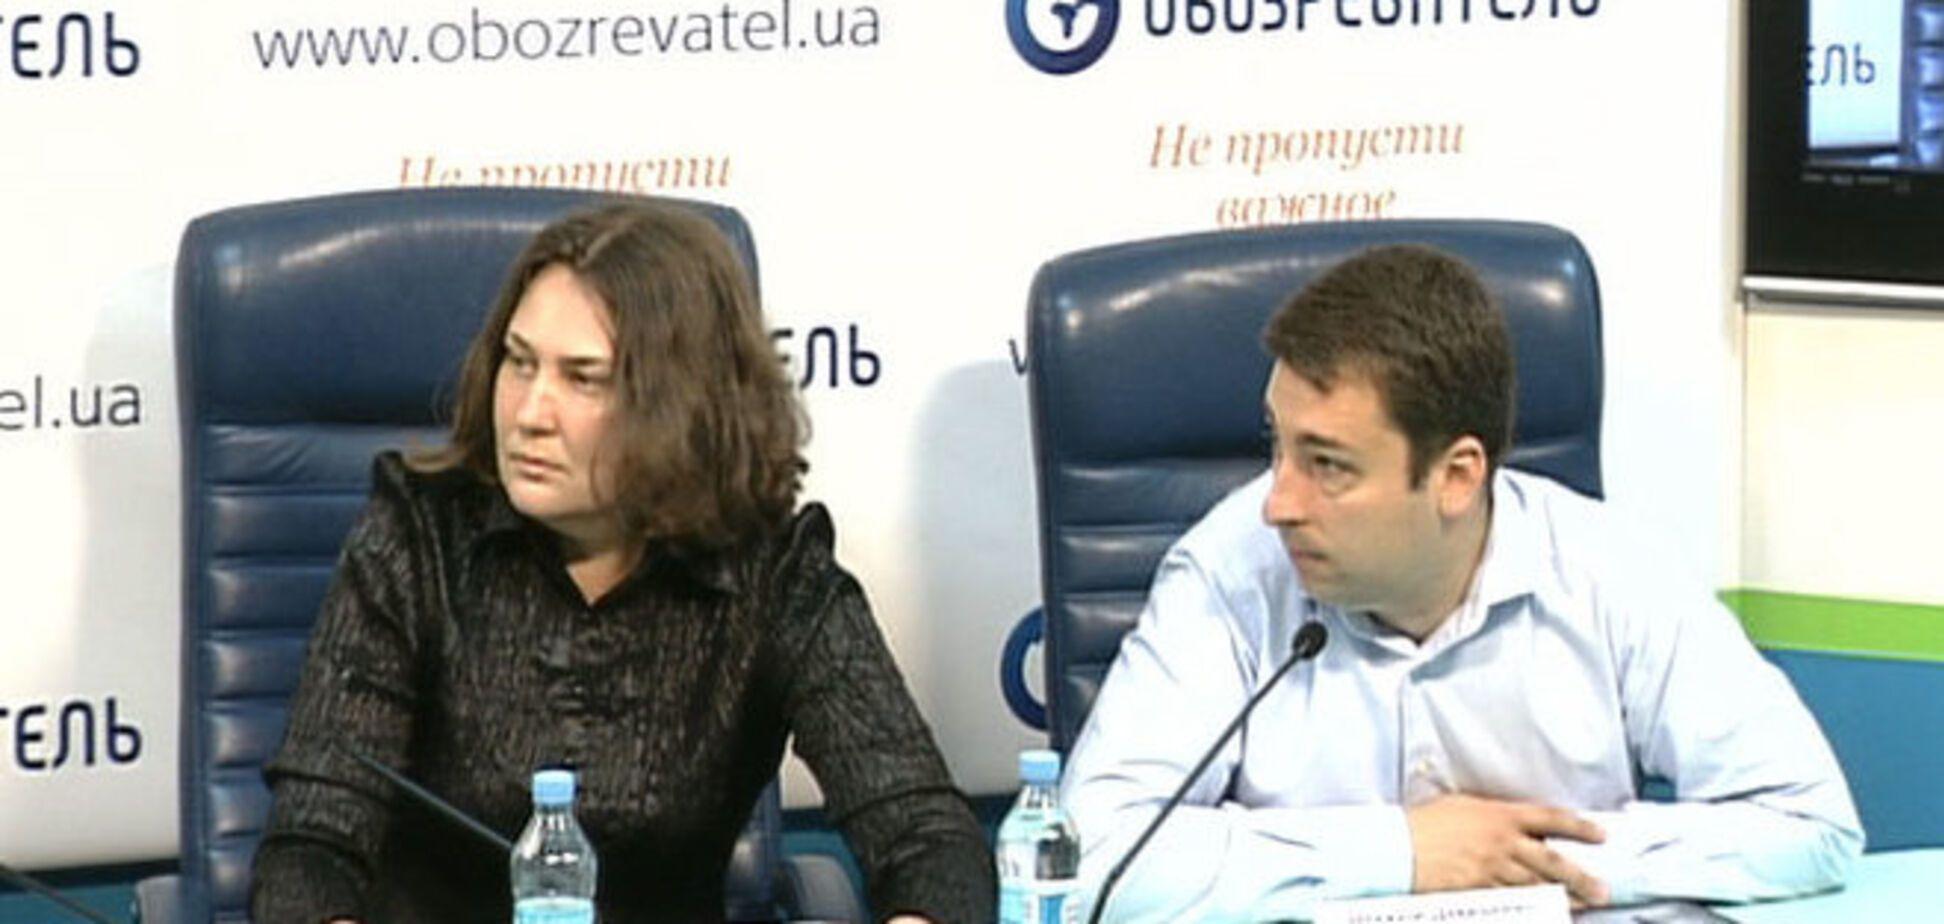 На сессиях нового Киевсовета продолжится 'дерибан' и 'передерибан' - Монтян